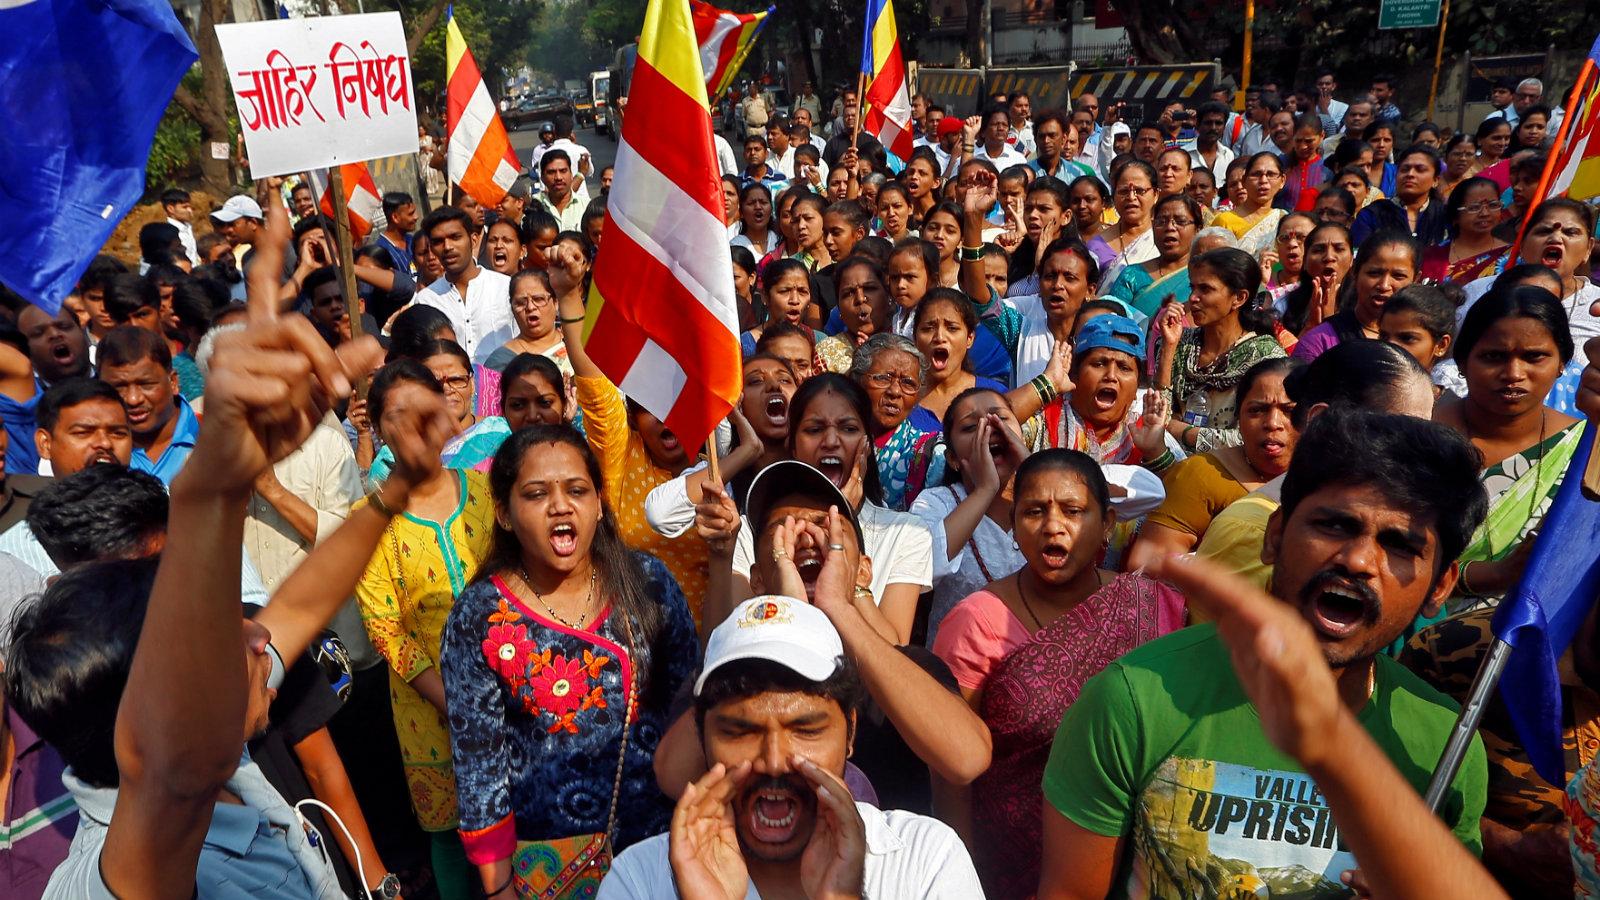 Dalit-protest-India-Bhima-koregaon